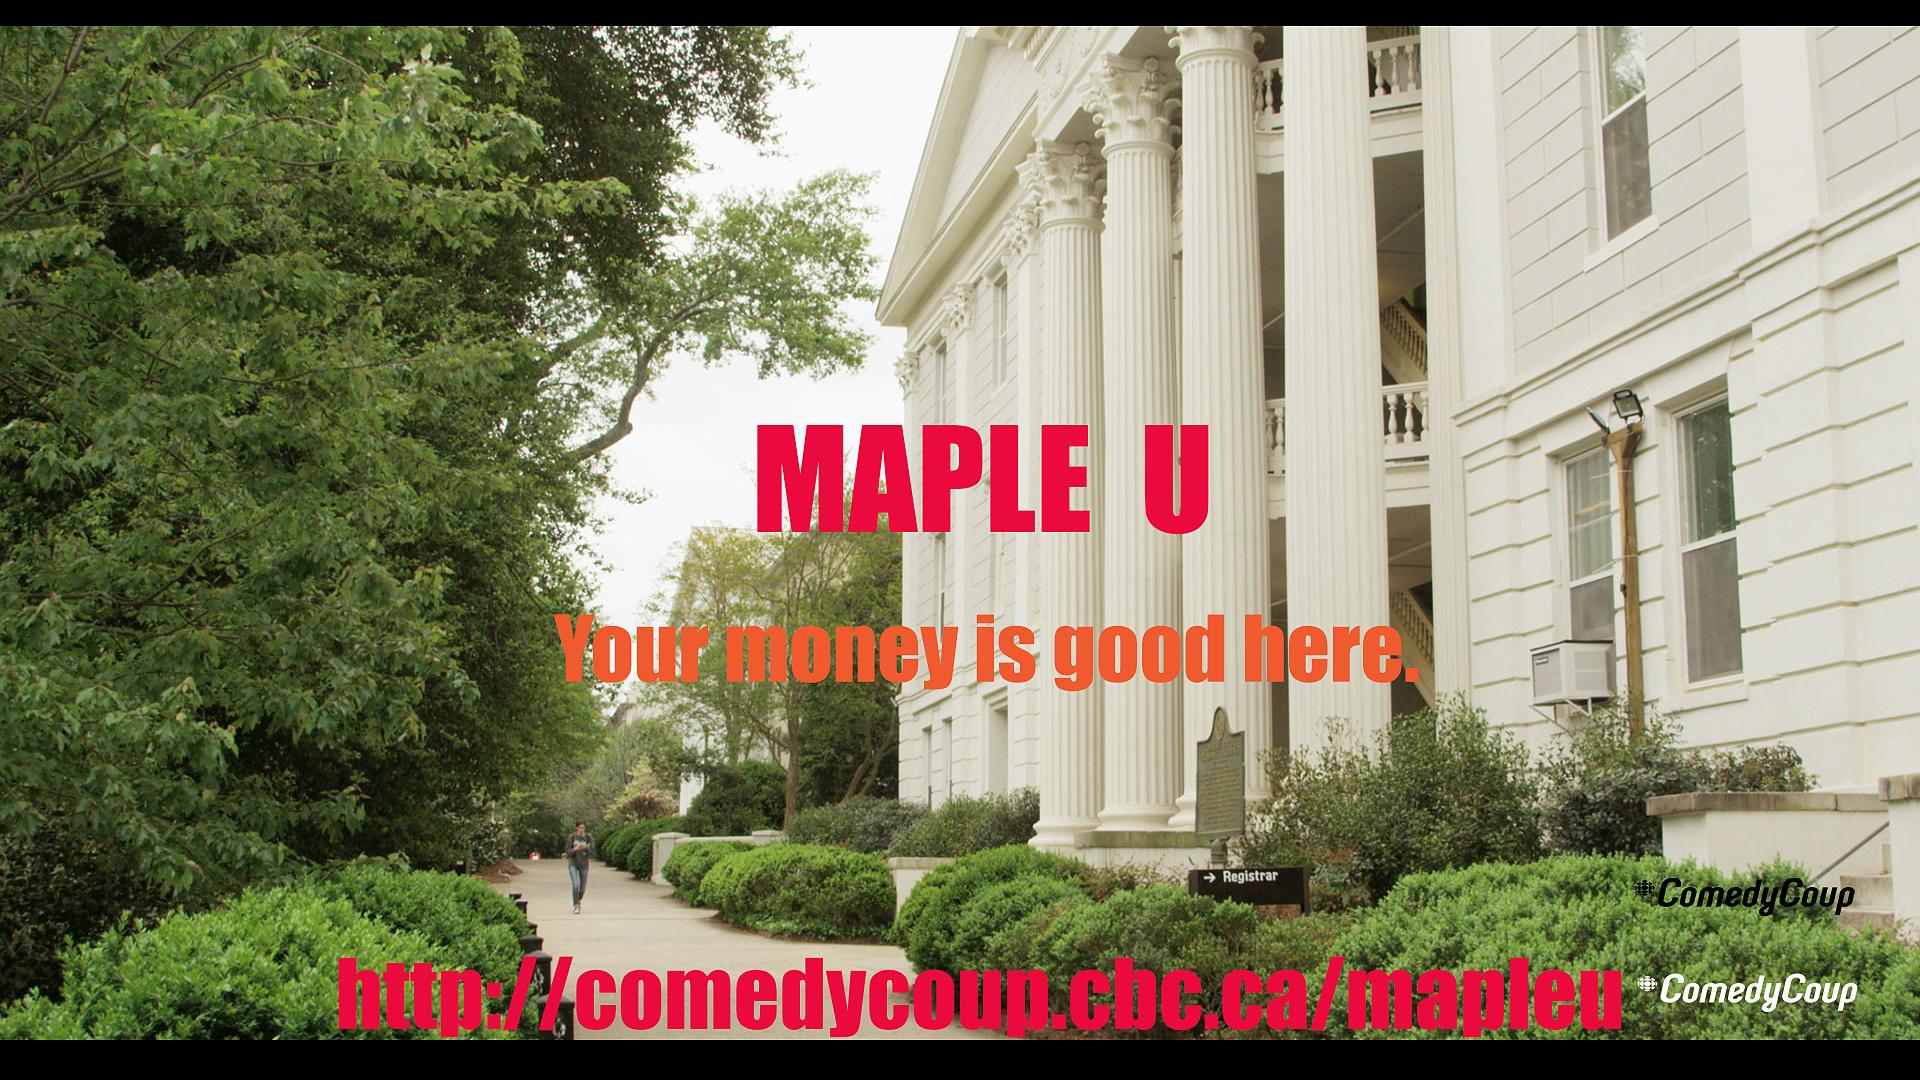 Week 4 Key It: Poster A Maple U